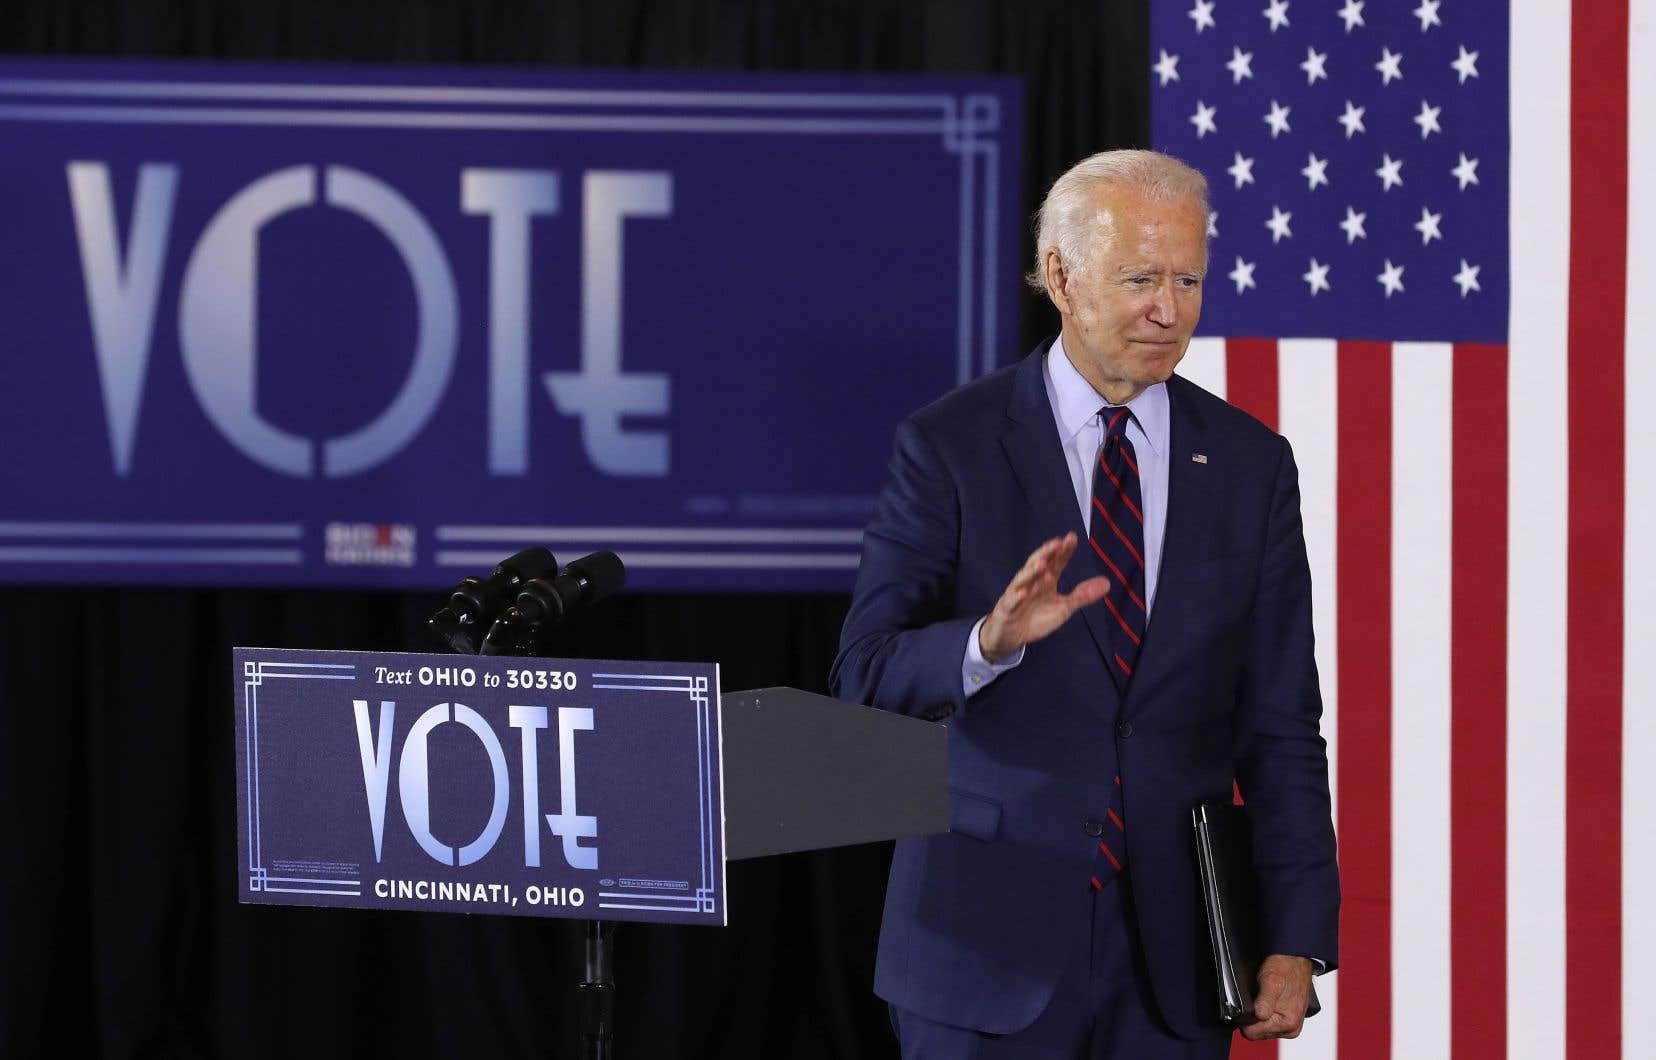 «Joe Biden est plus susceptible d'encourager la réconciliation nationale et la justice sociale, mais il fera face à des défis de taille, surtout si les démocrates n'obtiennent pas de majorité au Sénat», estime l'auteur.